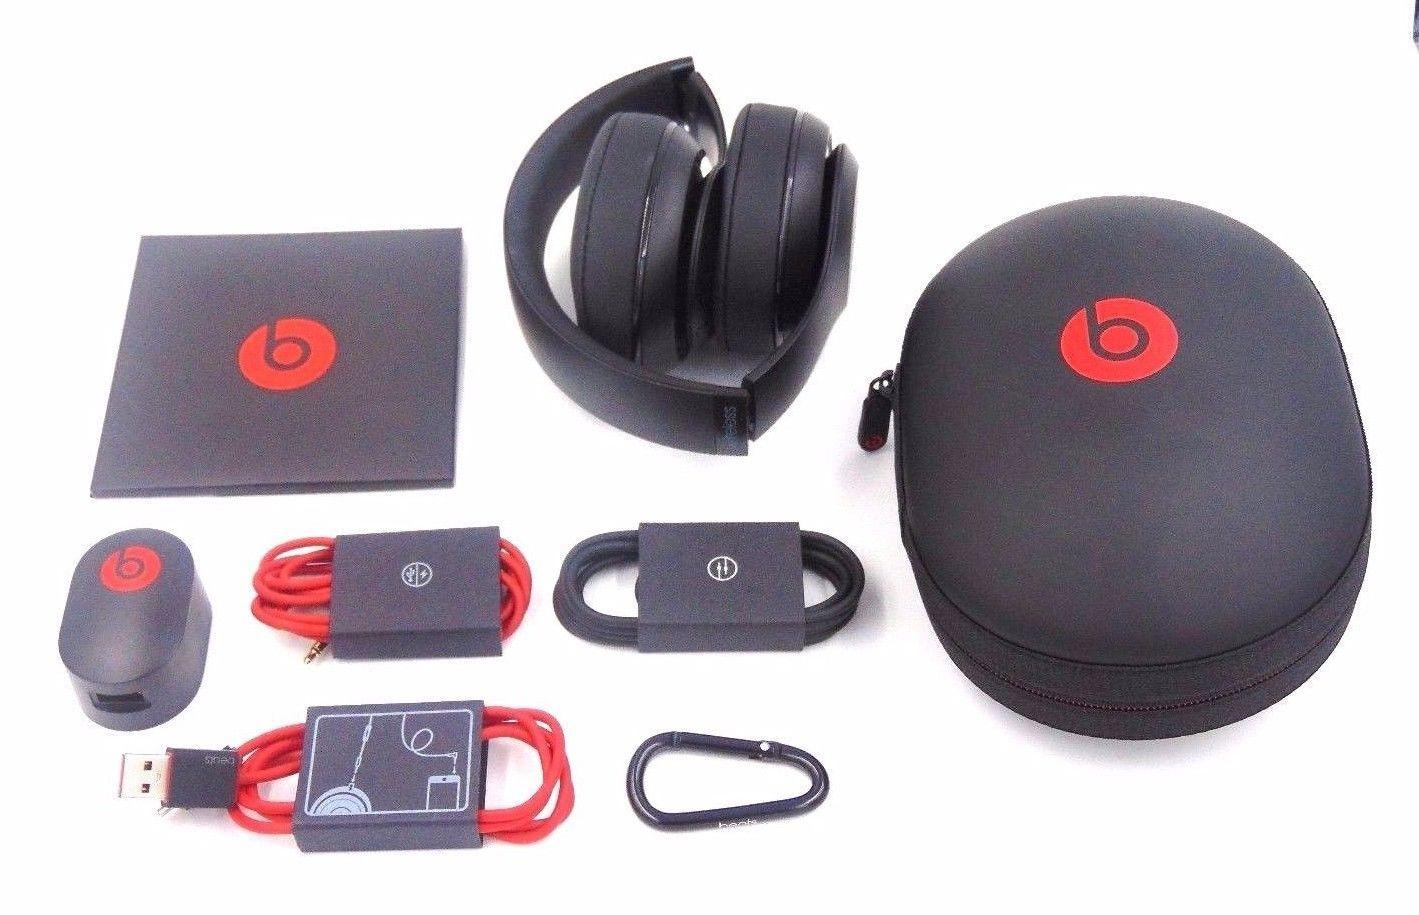 Beats by Dr. Dre Studio Wireless On-Ear Headphones -Matte Black-In Box w/ acc. https://t.co/dsoGtUnYBz https://t.co/r6yJOjRxb2